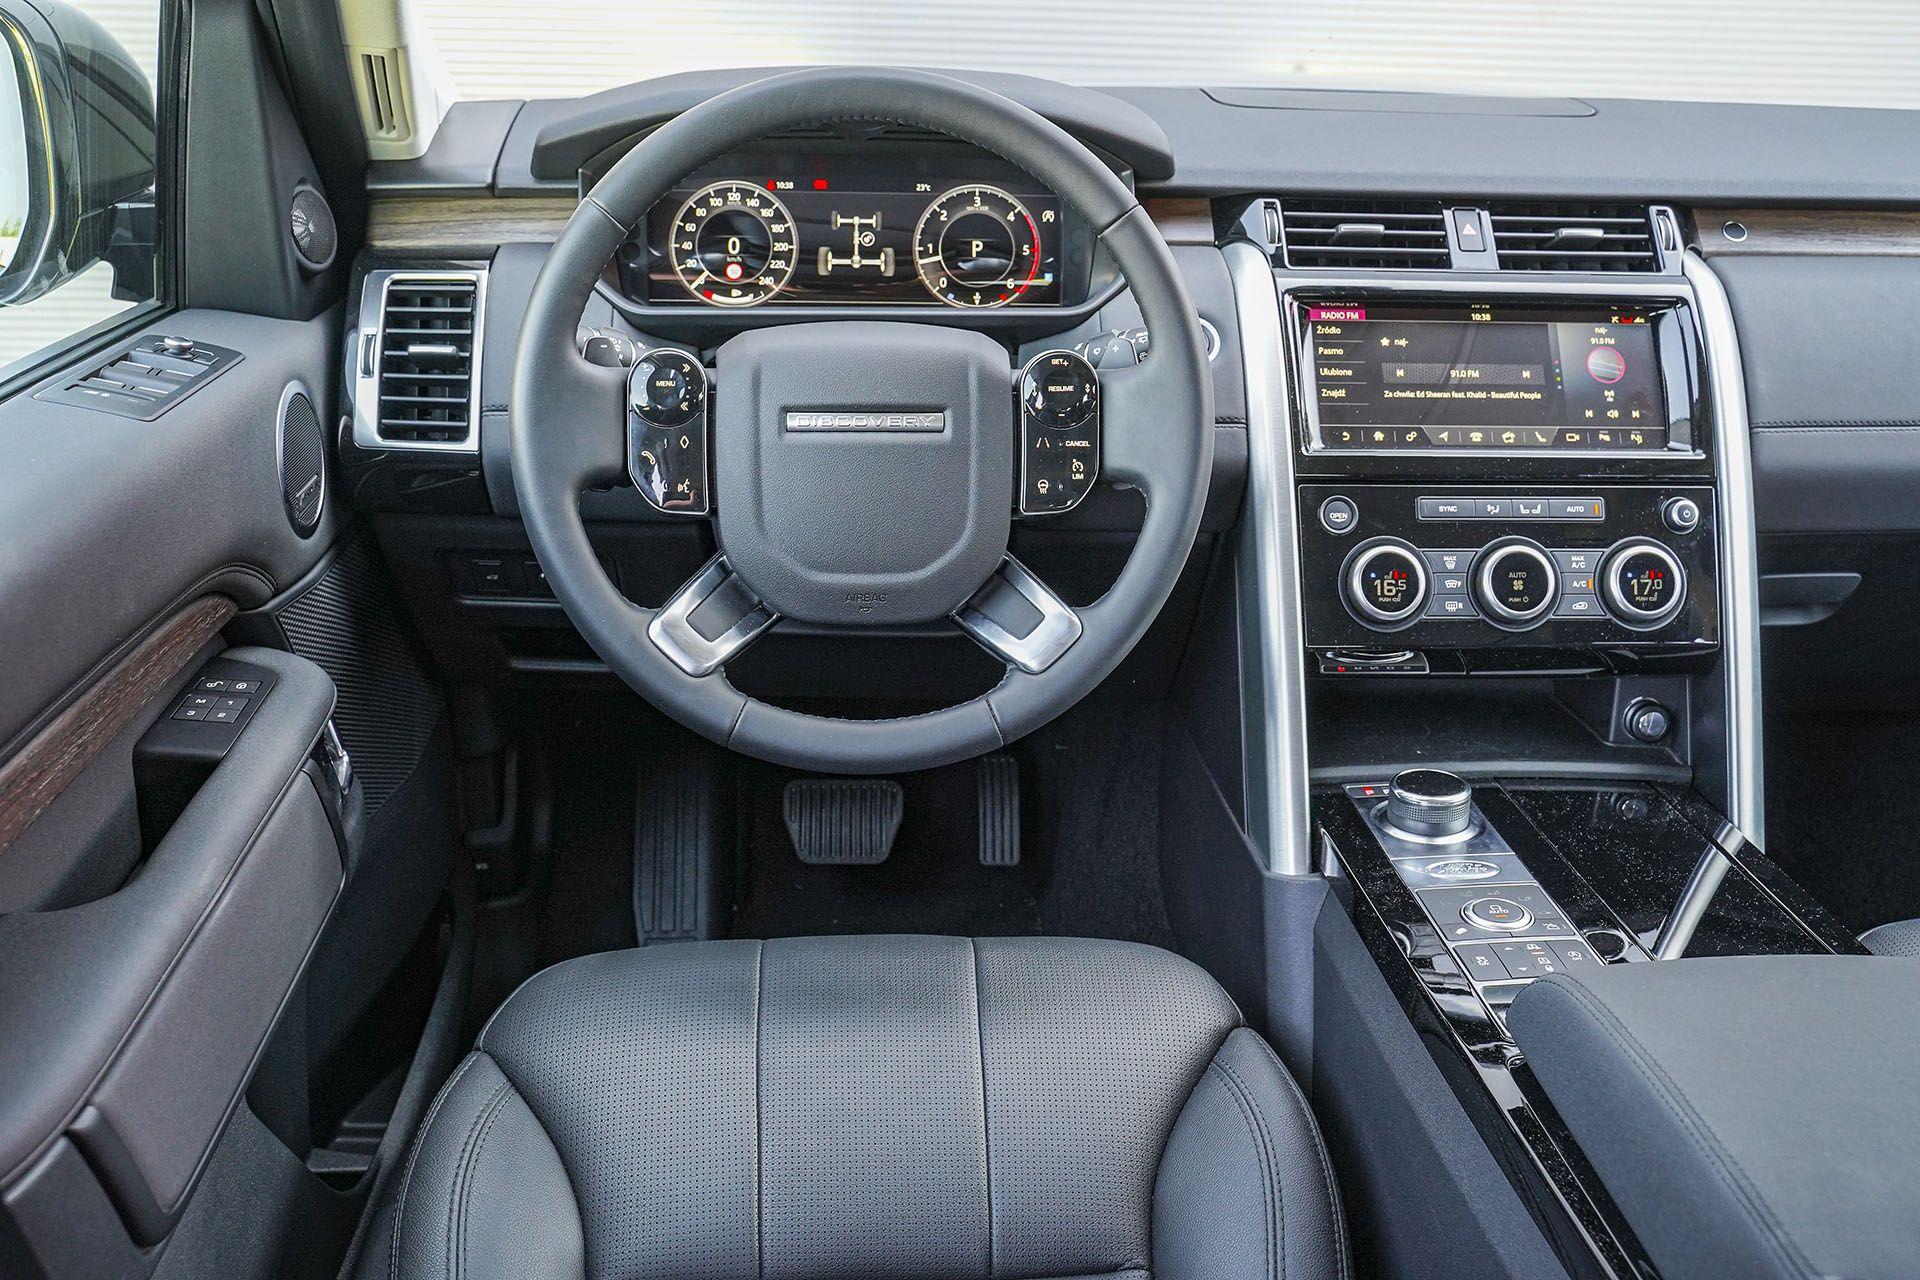 Land Rover Discovery - deska rozdzielcza - Land Rover Discovery, Mercedes GLE, Range Rover Sport, Volkswagen Touareg, Volvo XC90 – PORÓWNANIE –opinie, dane techniczne, wymiary